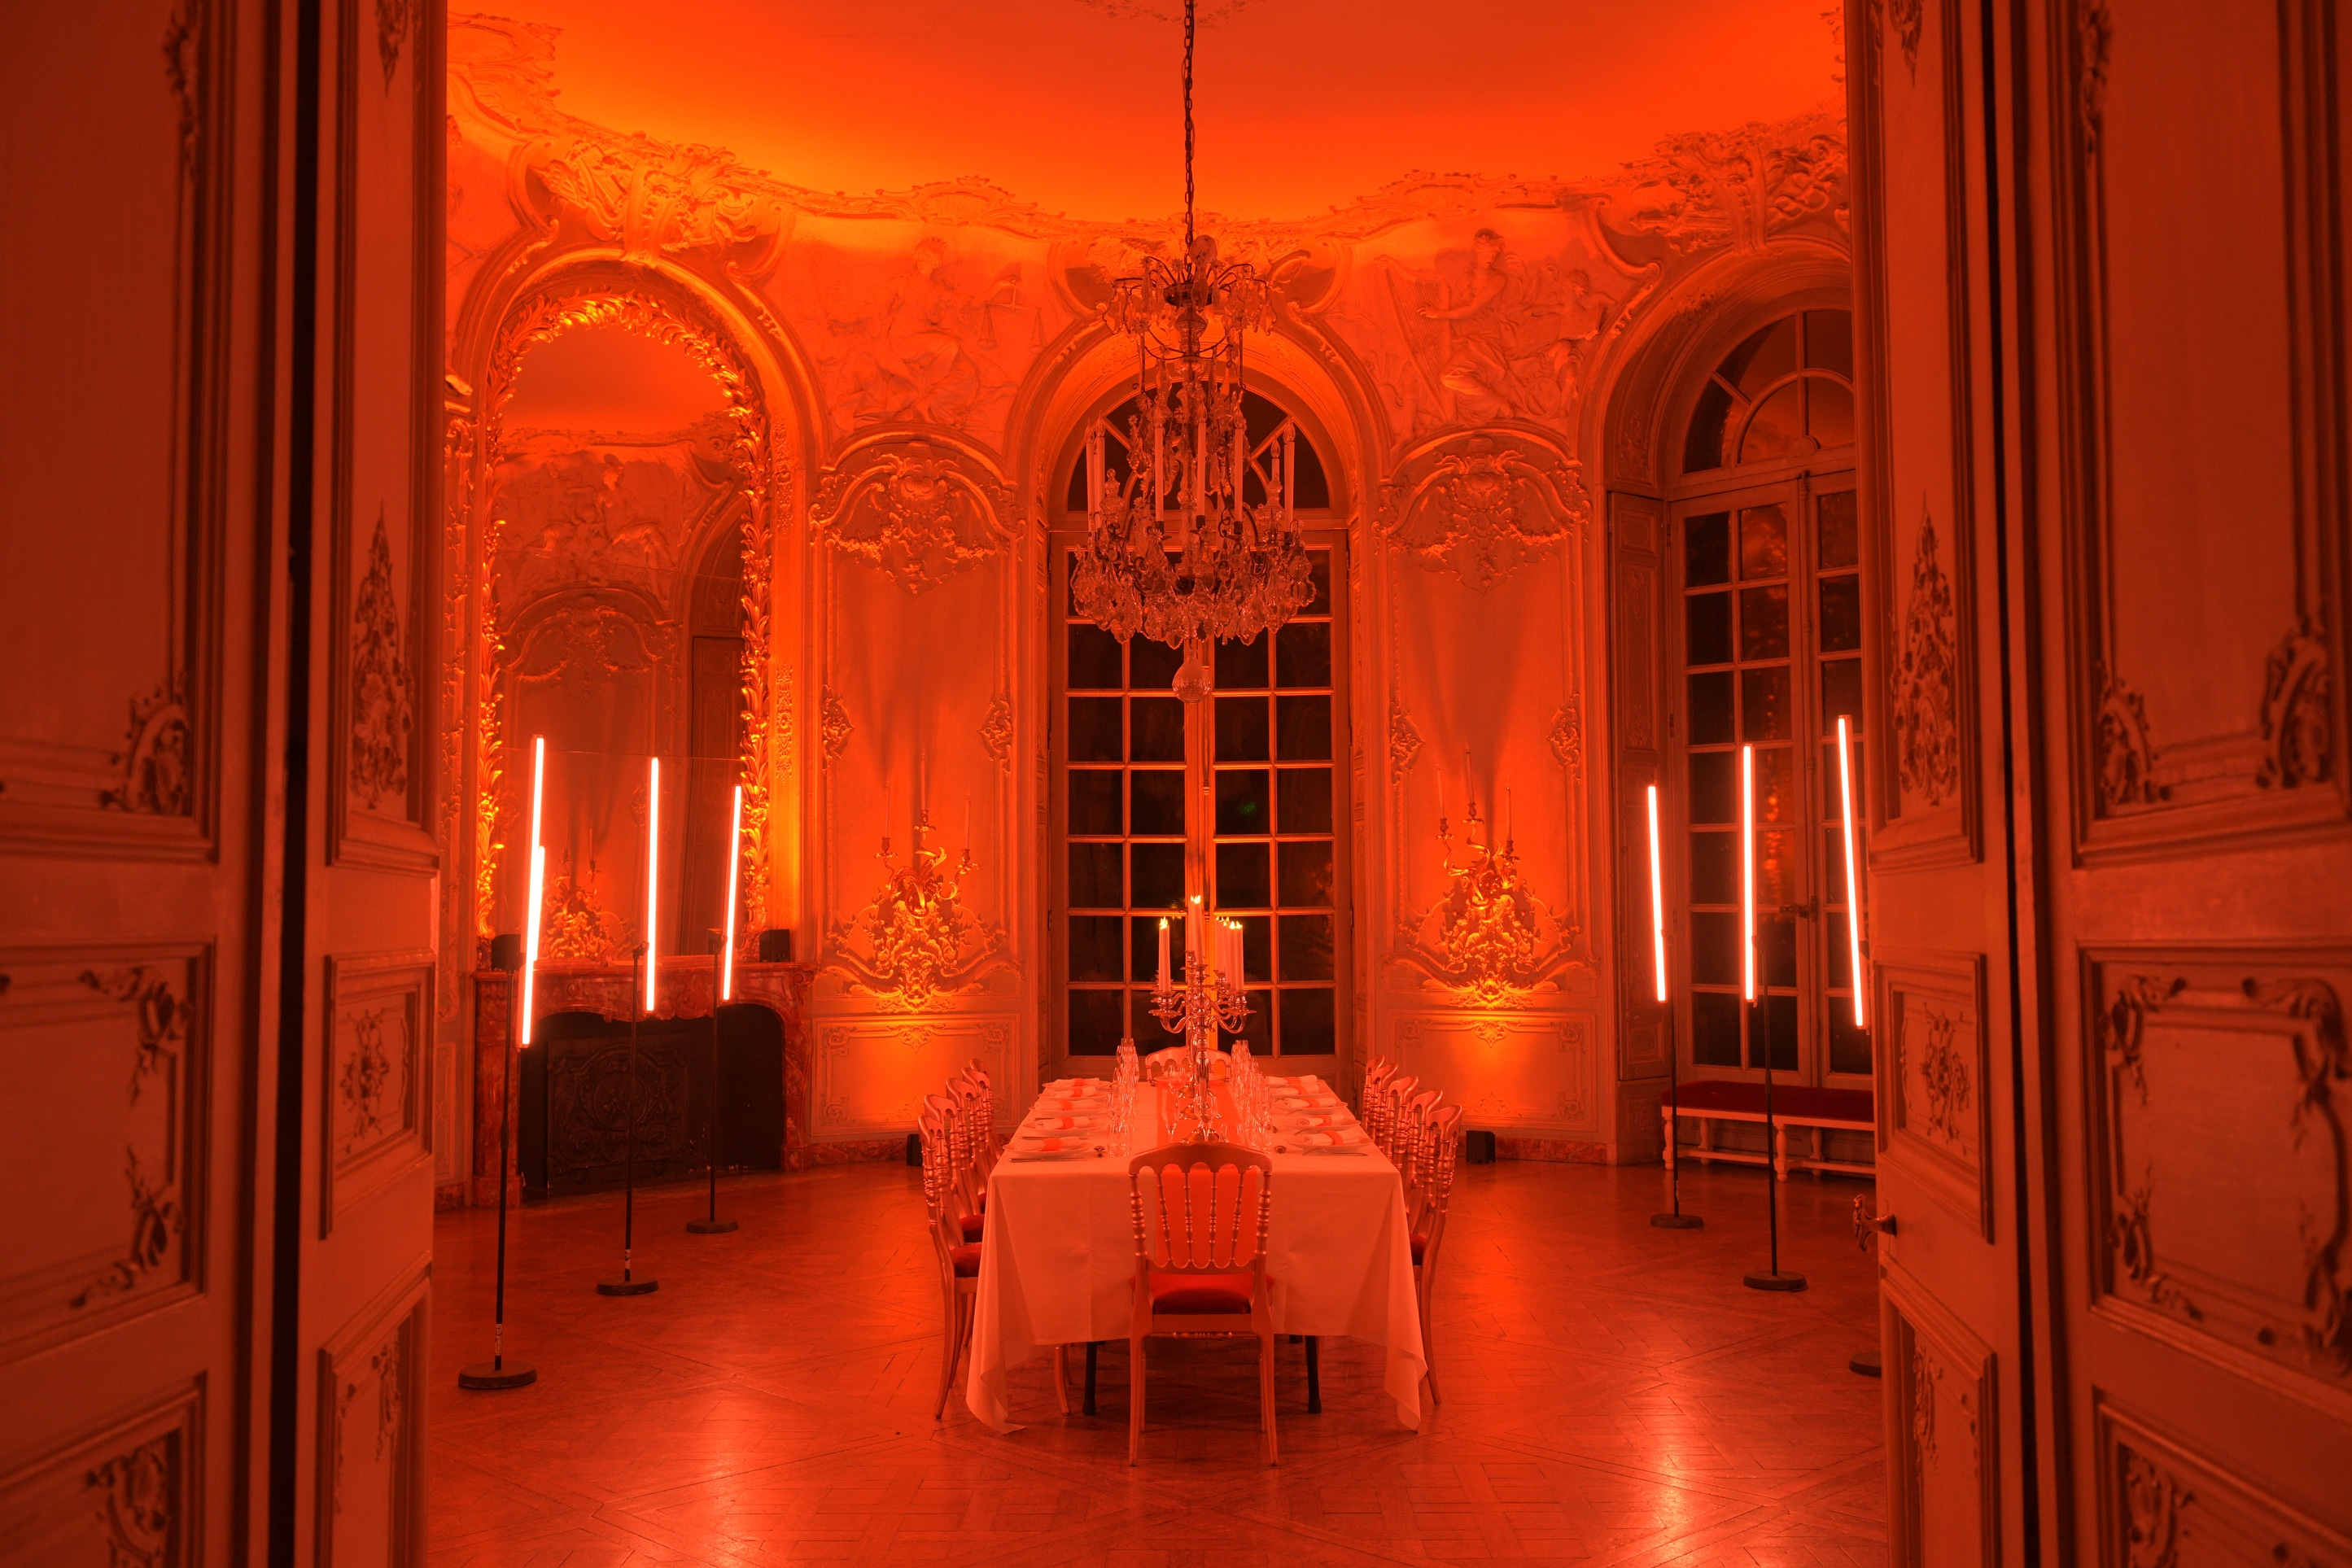 leboncoin : Dîner privé dans un hôtel particulier à Paris